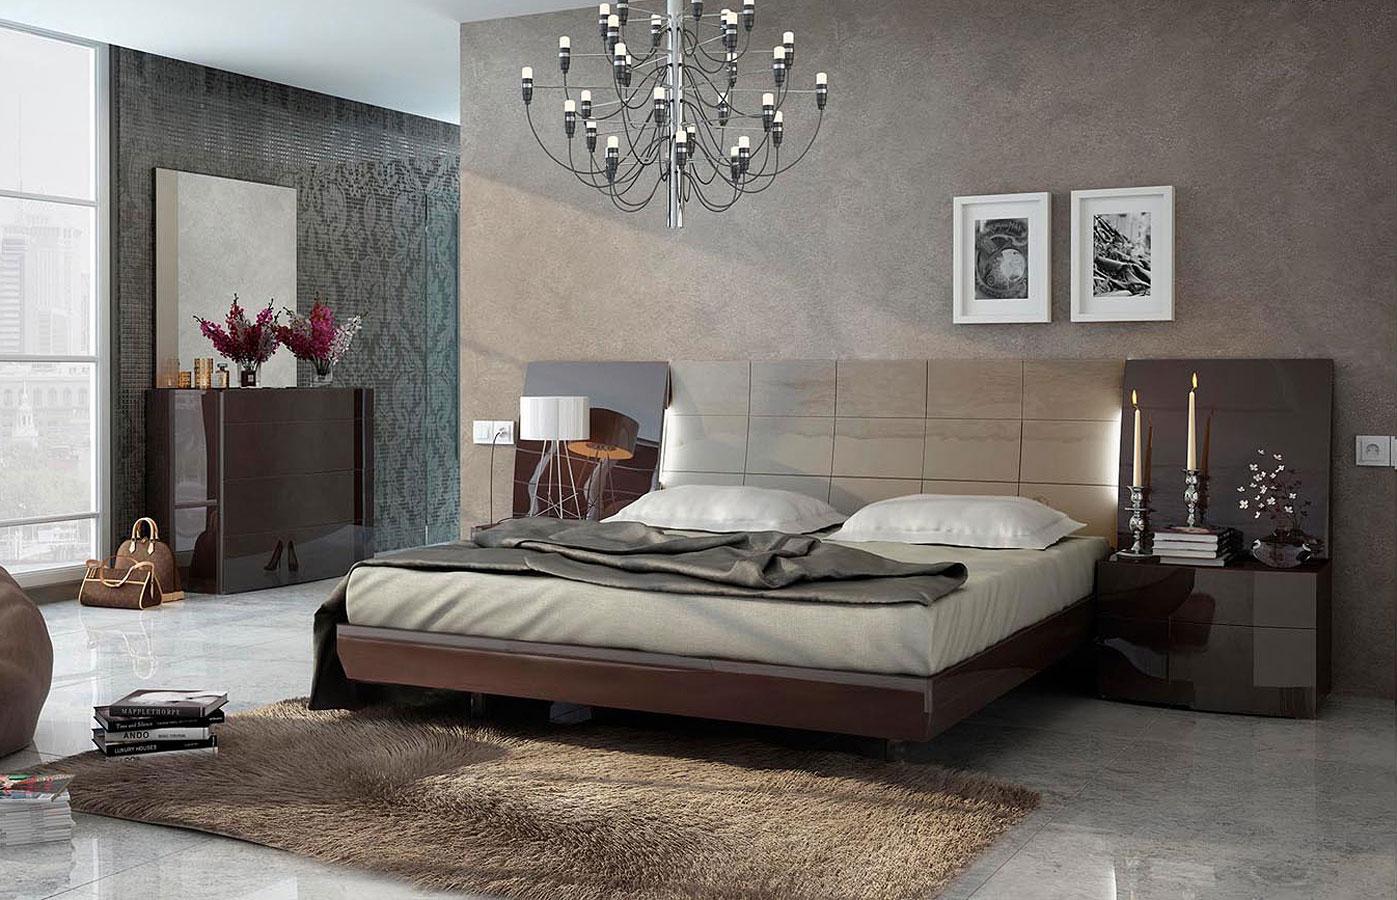 Merveilleux Barcelona Platform Bedroom Set